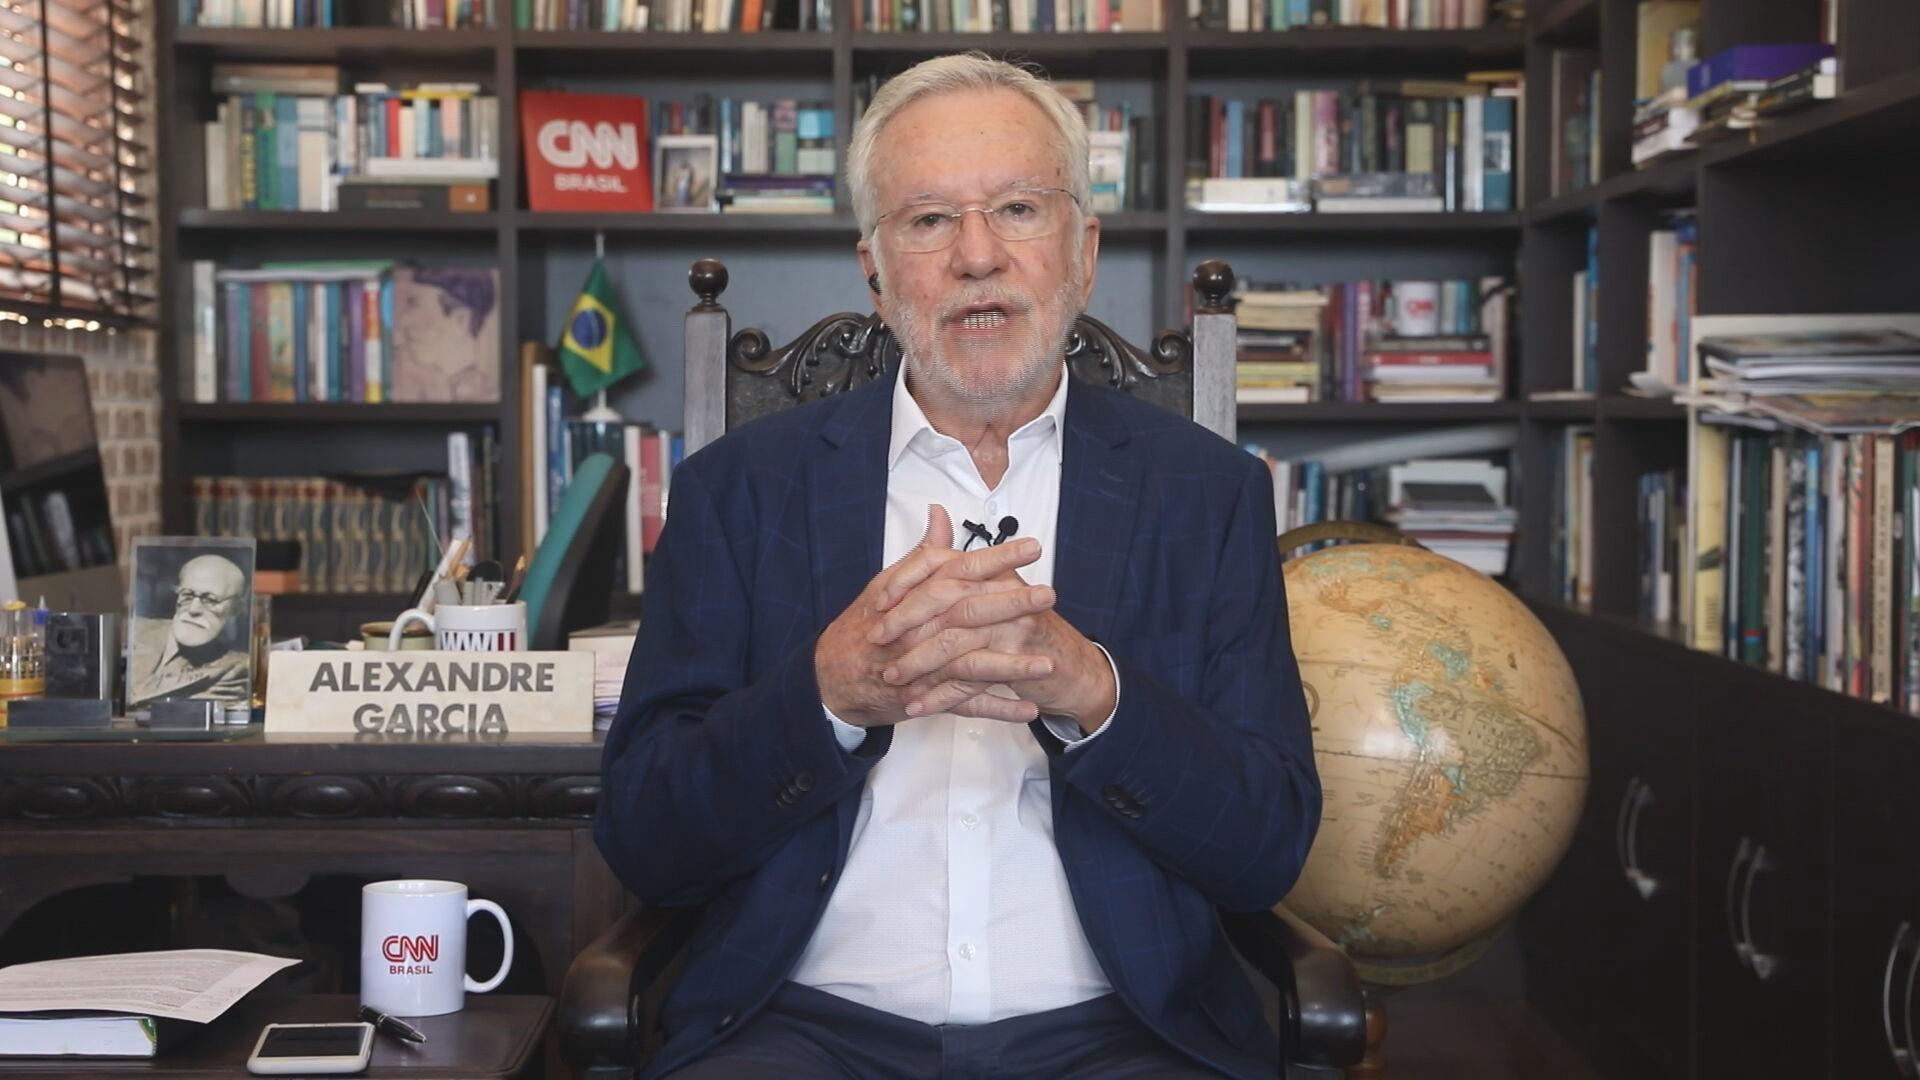 Alexandre Garcia no quadro Liberdade de Opinião (07.jan.2021)